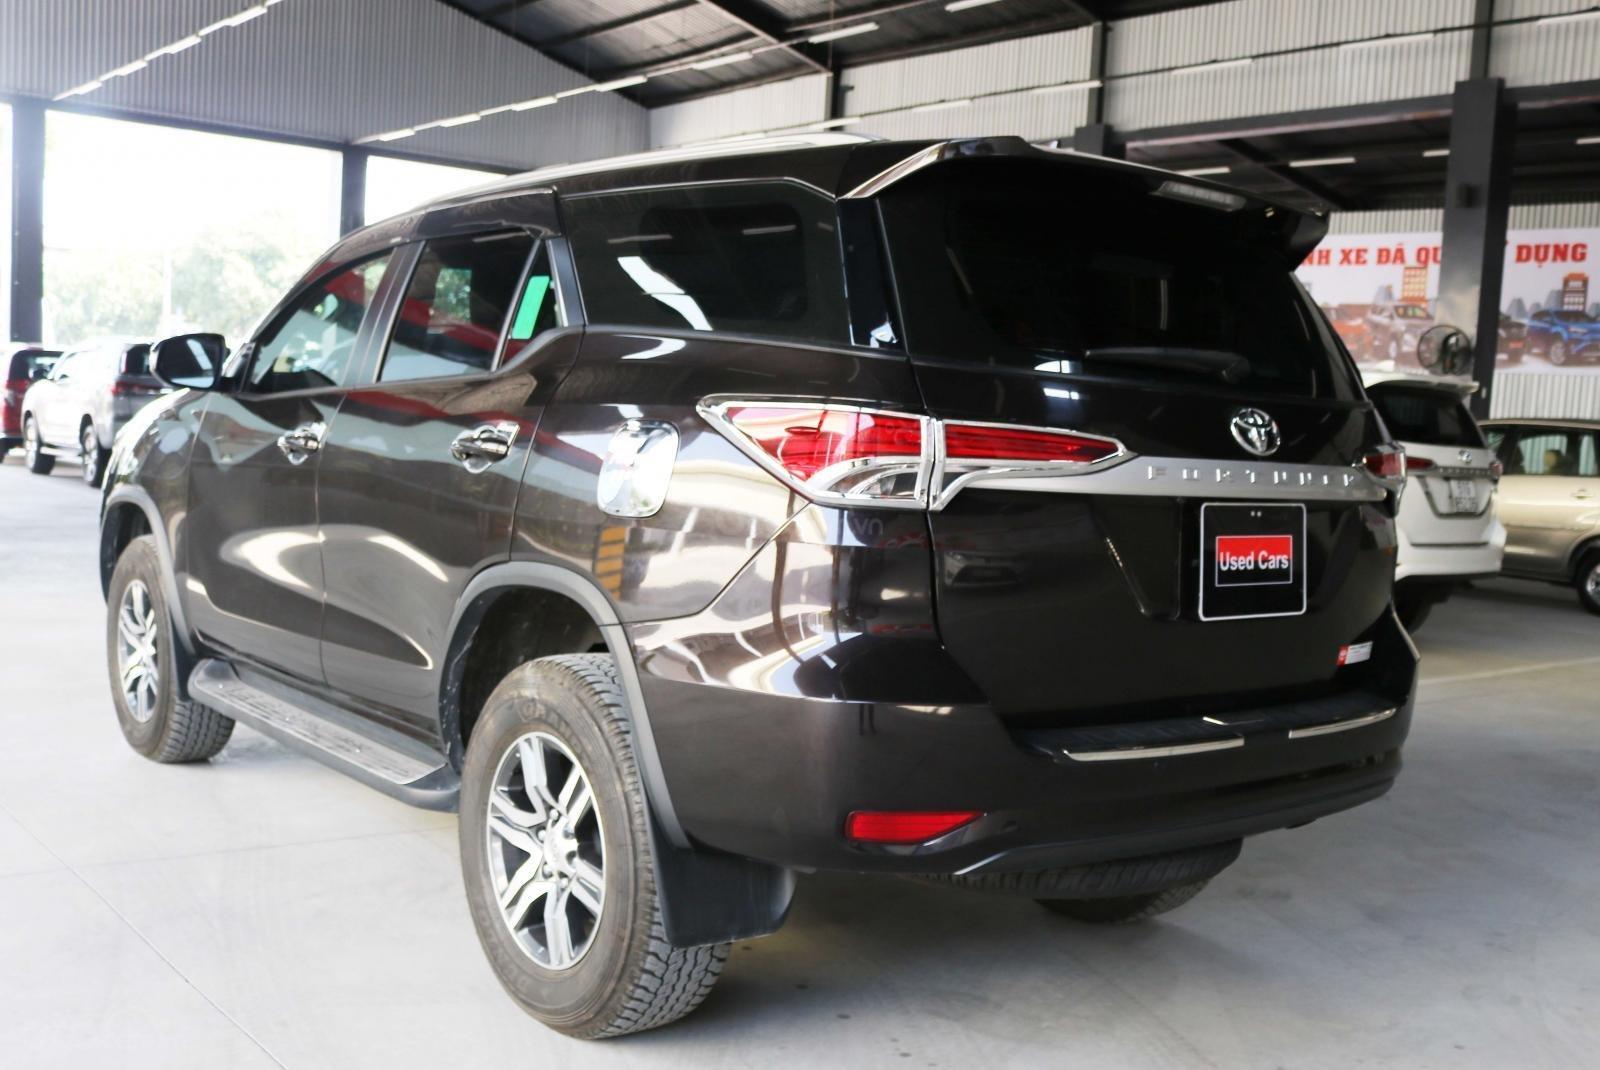 Bán xe Fortuner 2.4G máy dầu số sàn - xe gia đình trùm mền không kinh doanh (4)